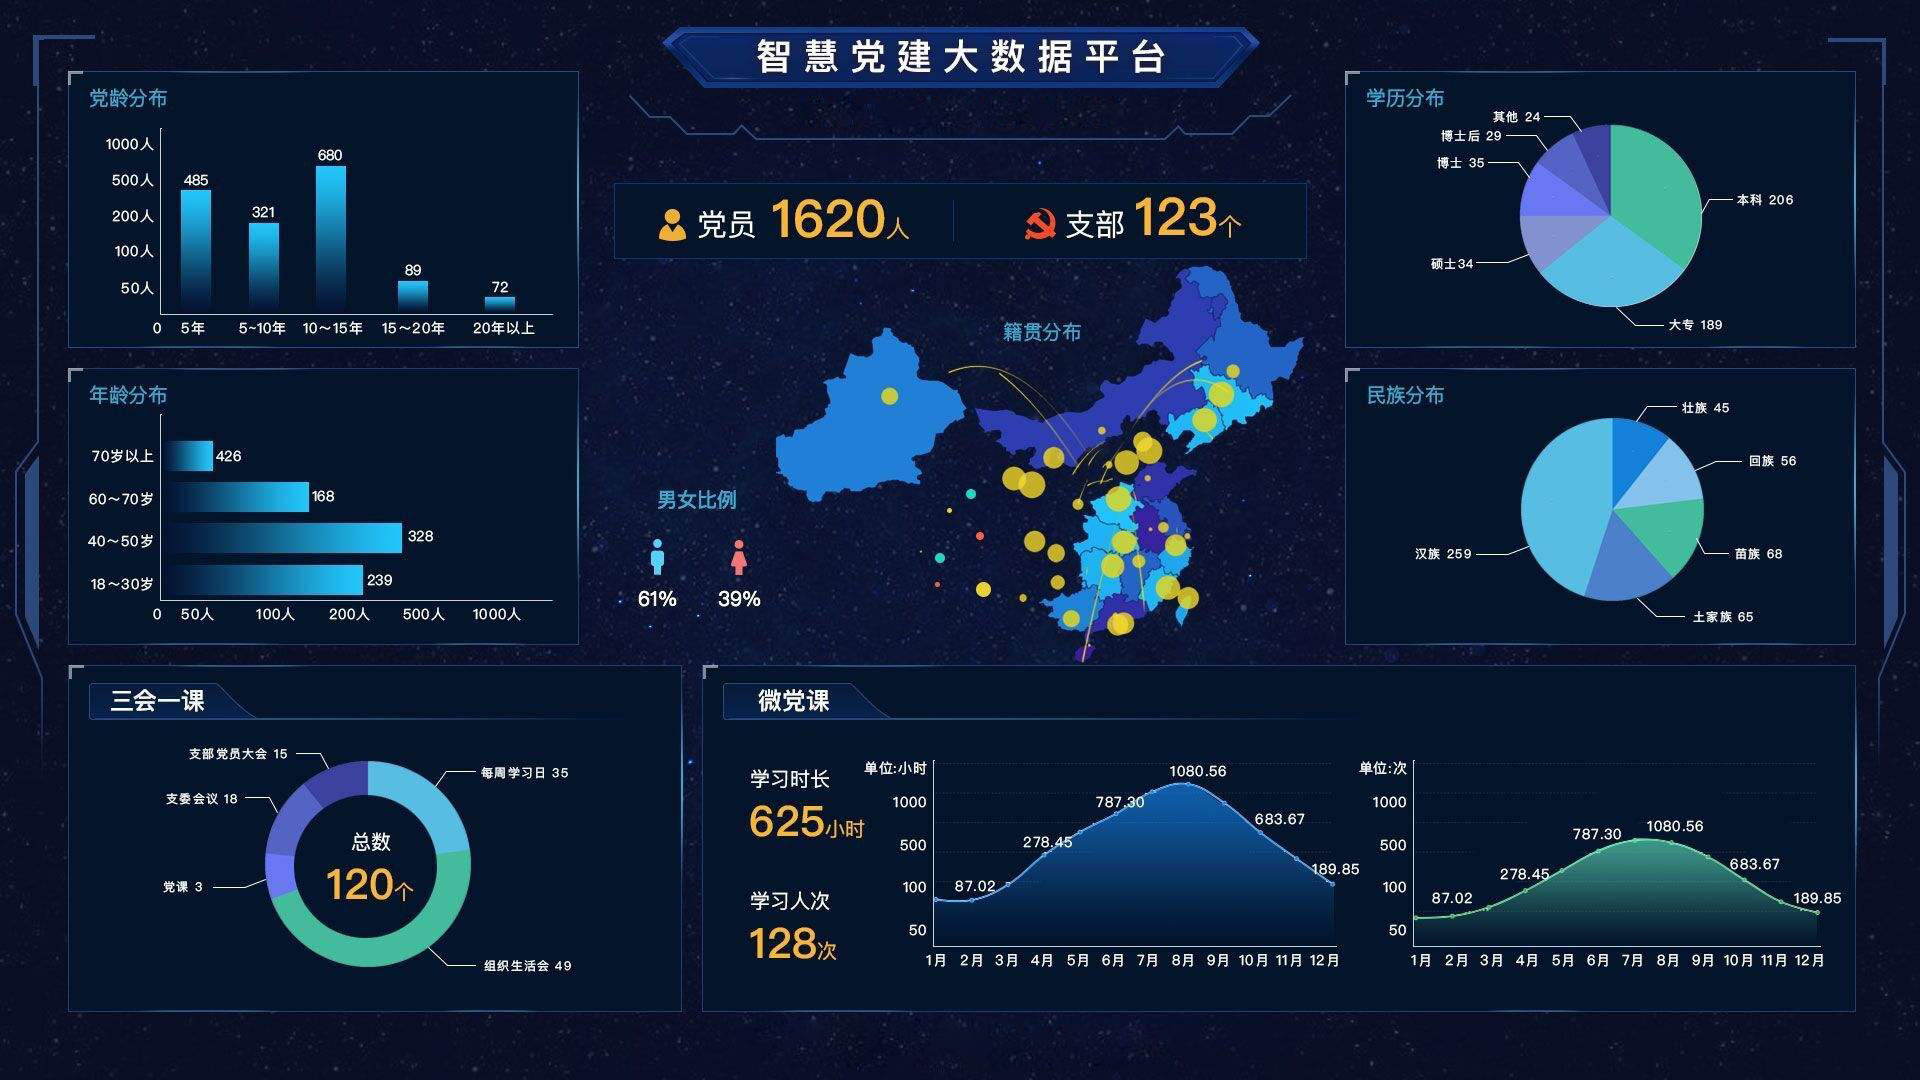 陕西智慧党建系统开发优势